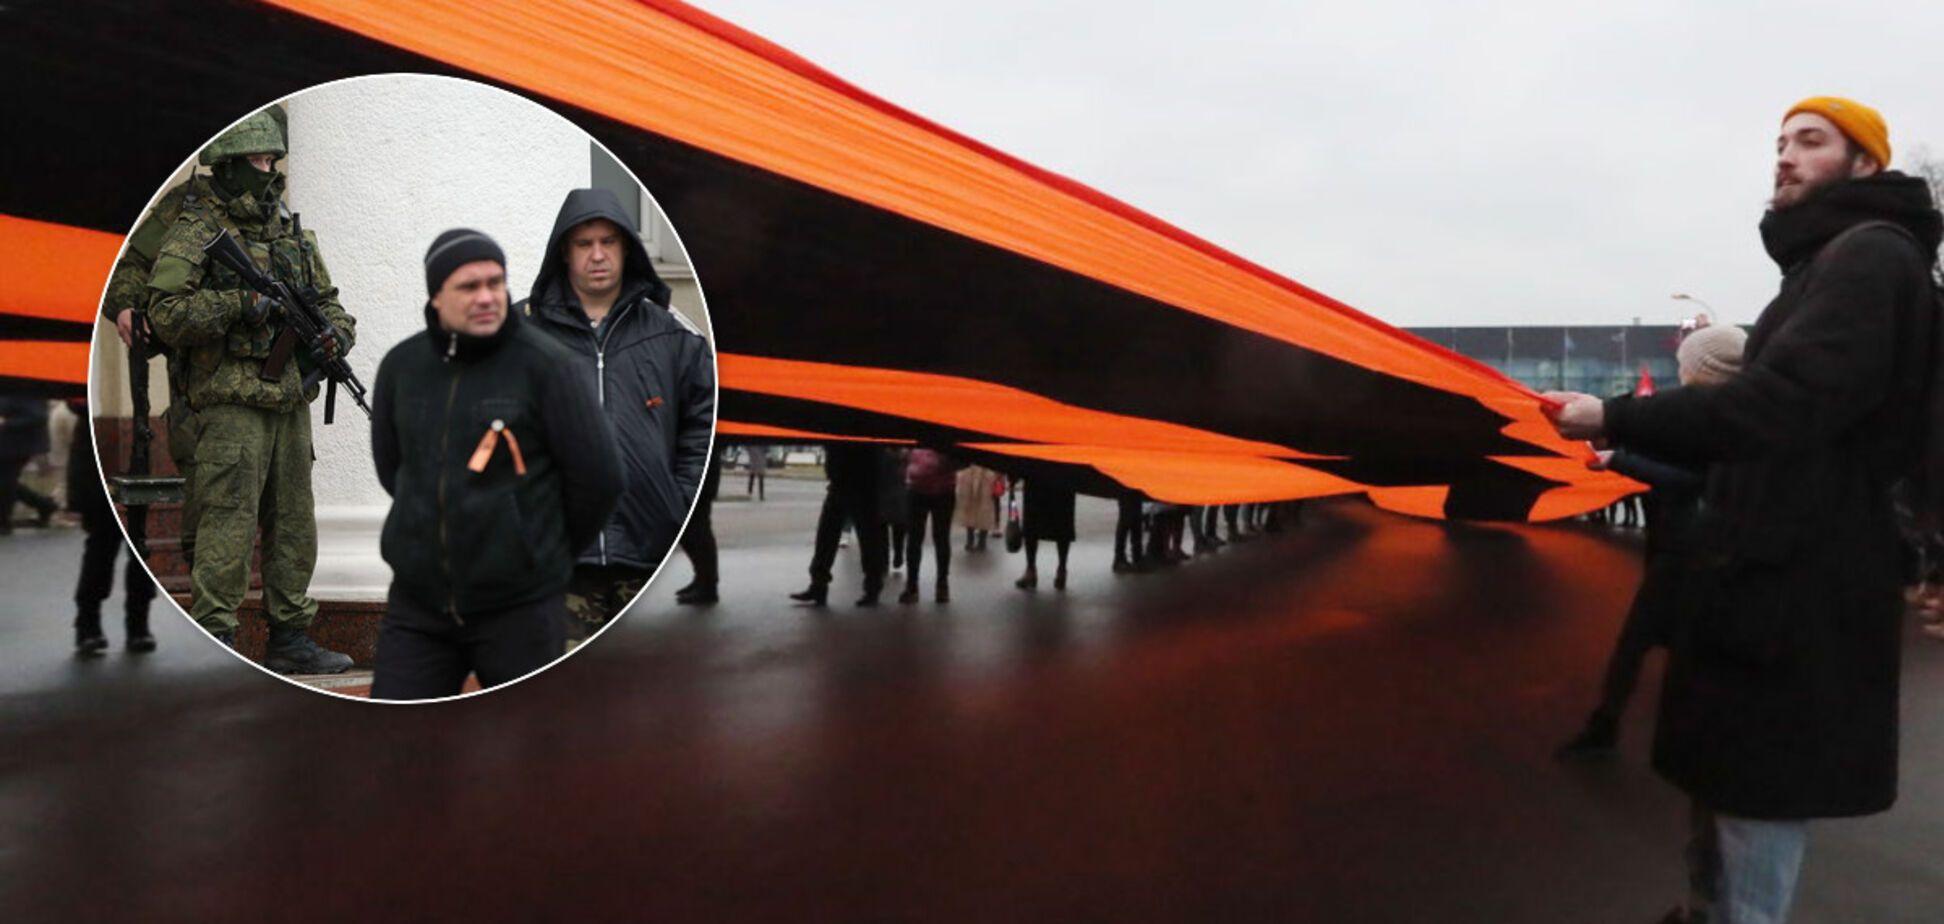 У Раді запропонували повернути георгіївську стрічку в життя українців: що несе в собі символ і яка доля чекає на законопроєкт